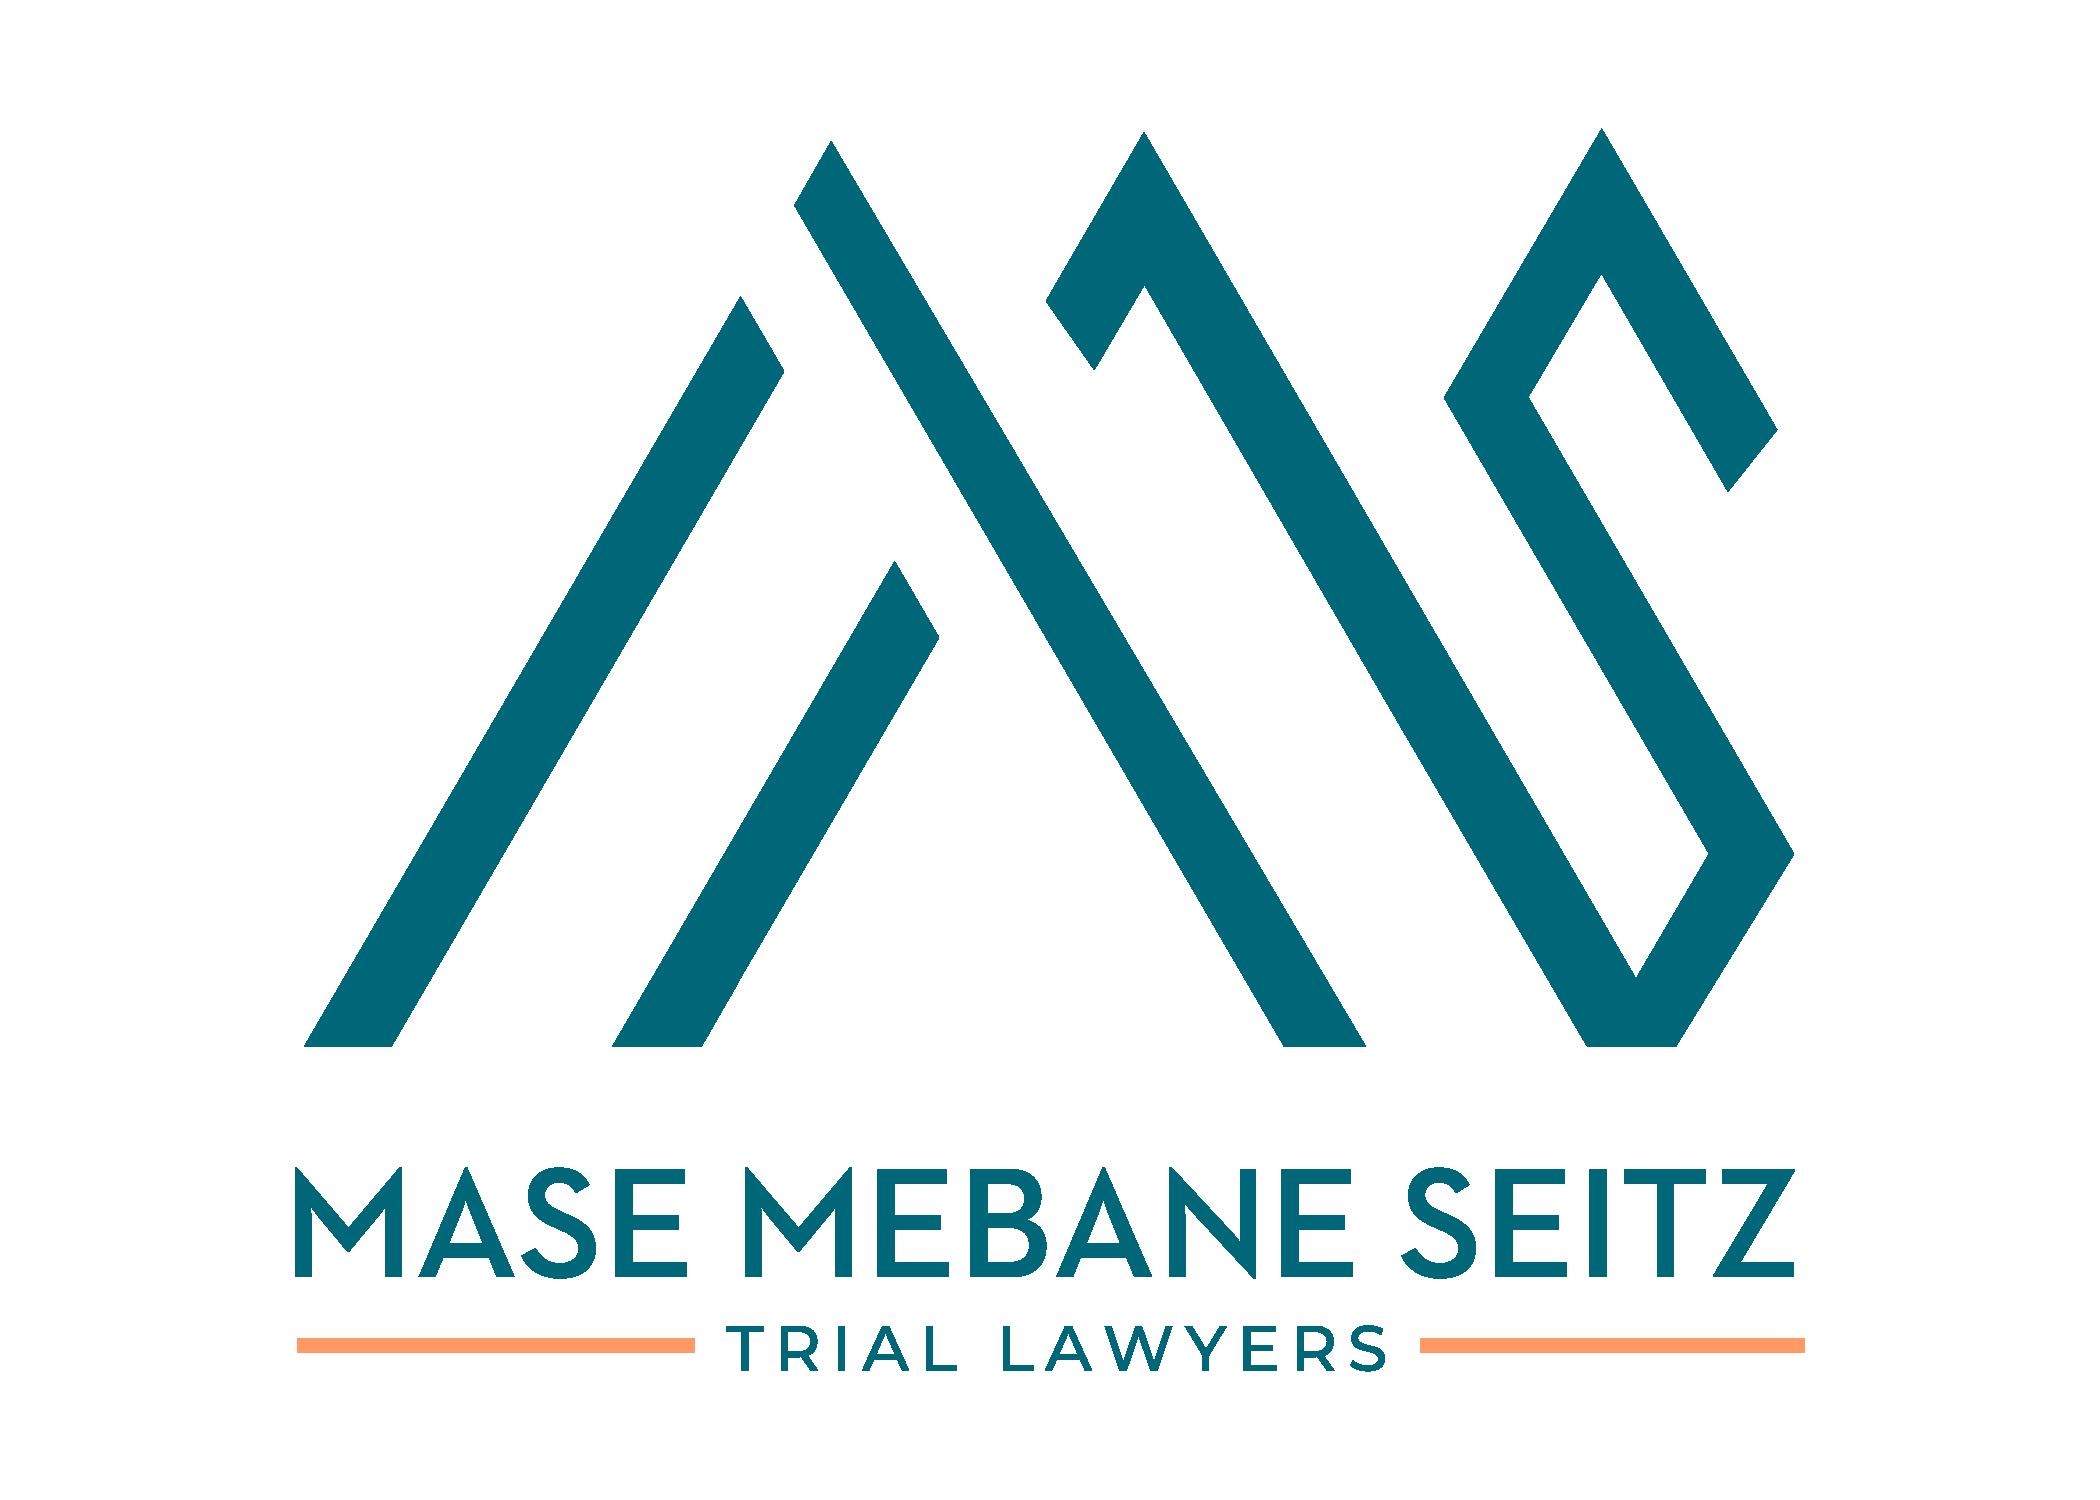 Mase Mebane Seitz